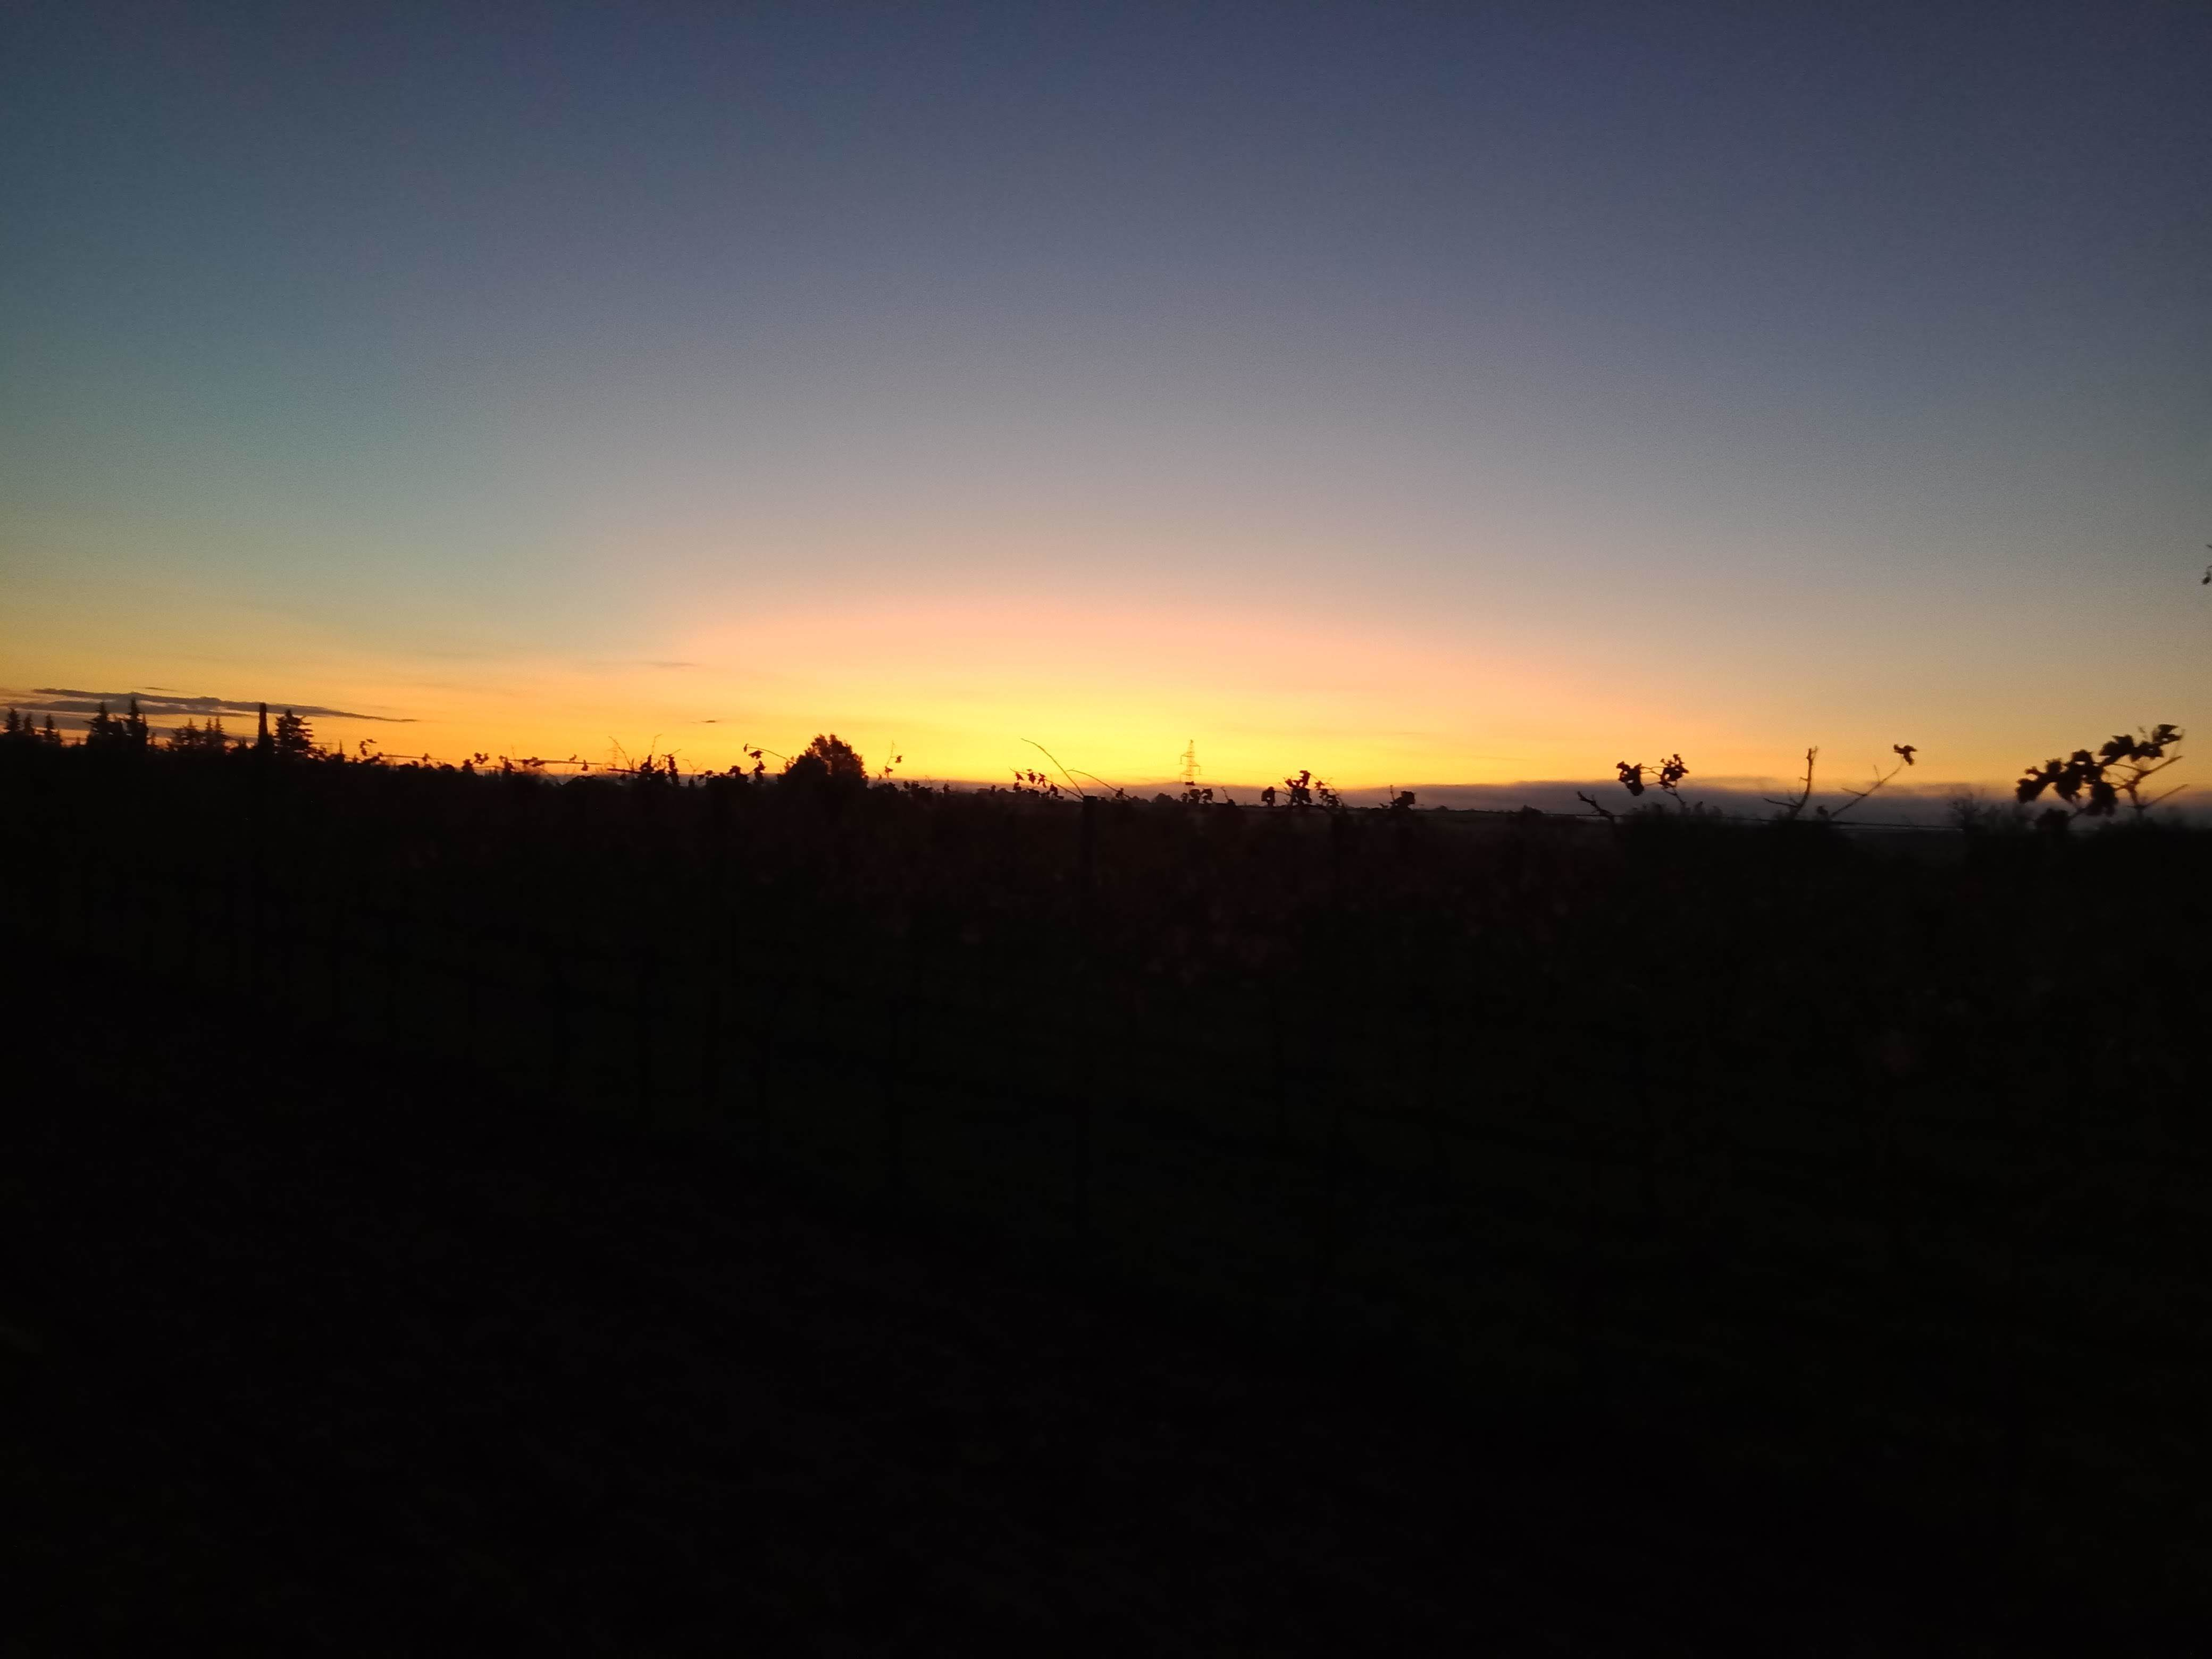 Dawn is breaking min